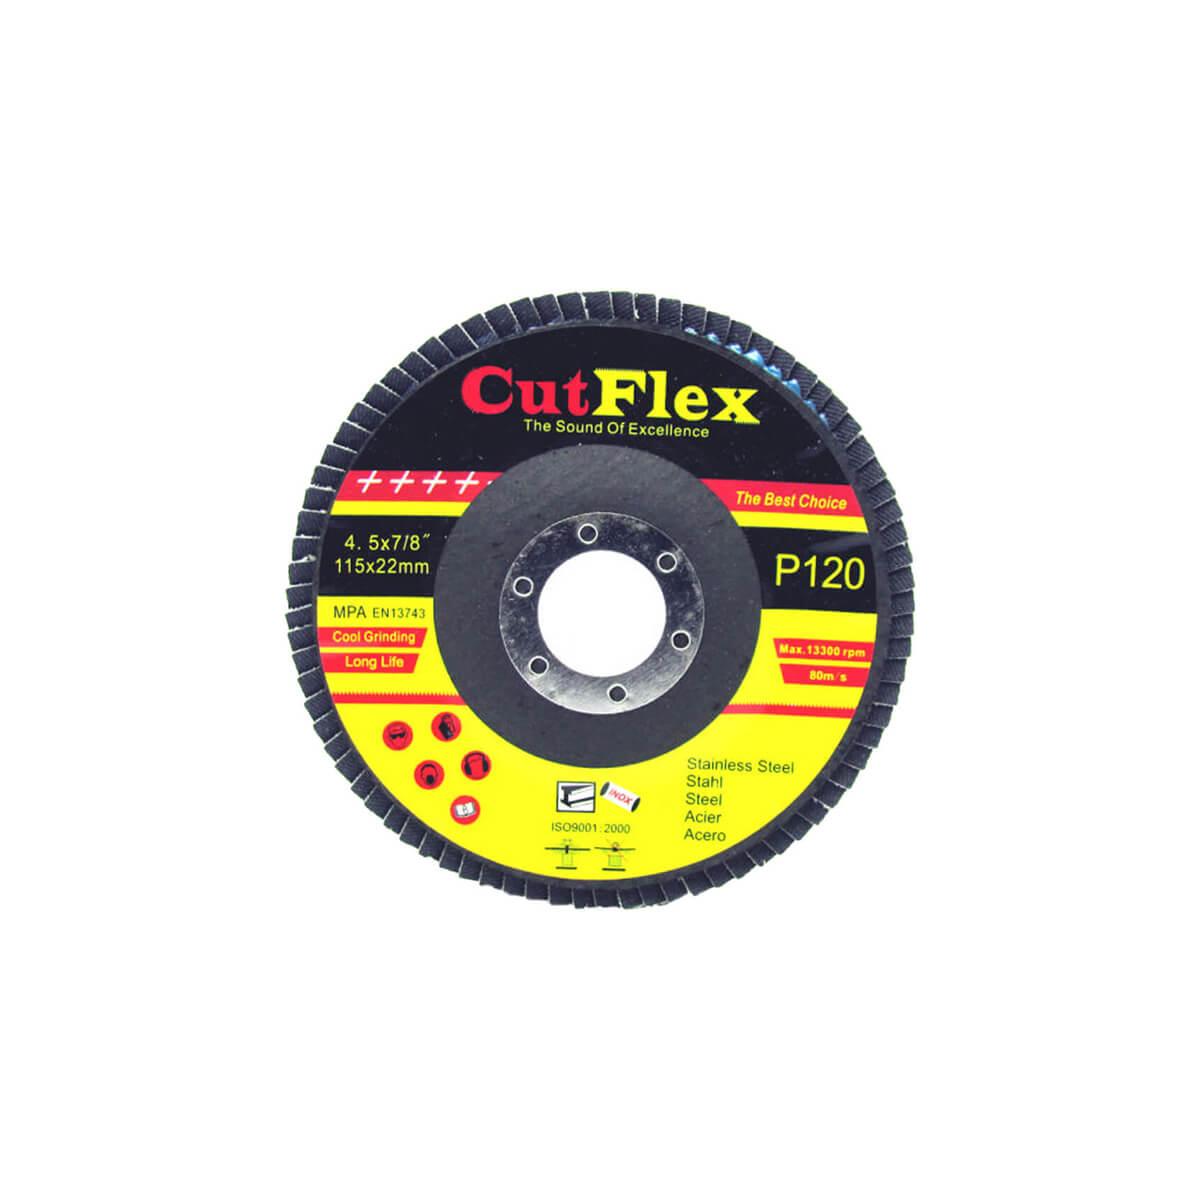 صفحه آهن بر Cutflex